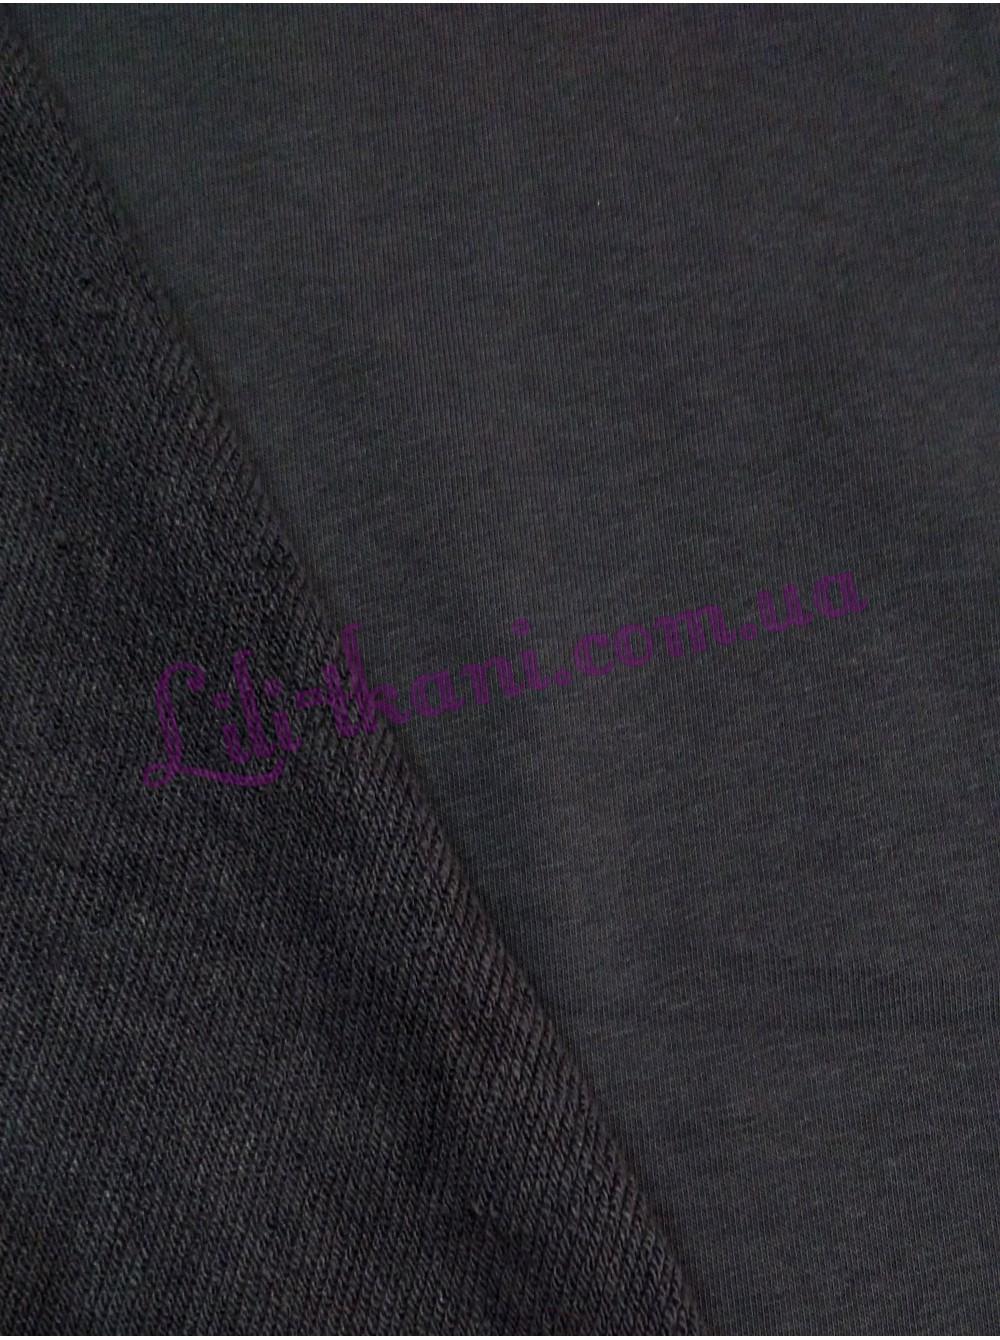 3c3364d10c2e Трикотаж двунитка - купить ткань в Украине в широком ассортименте ...